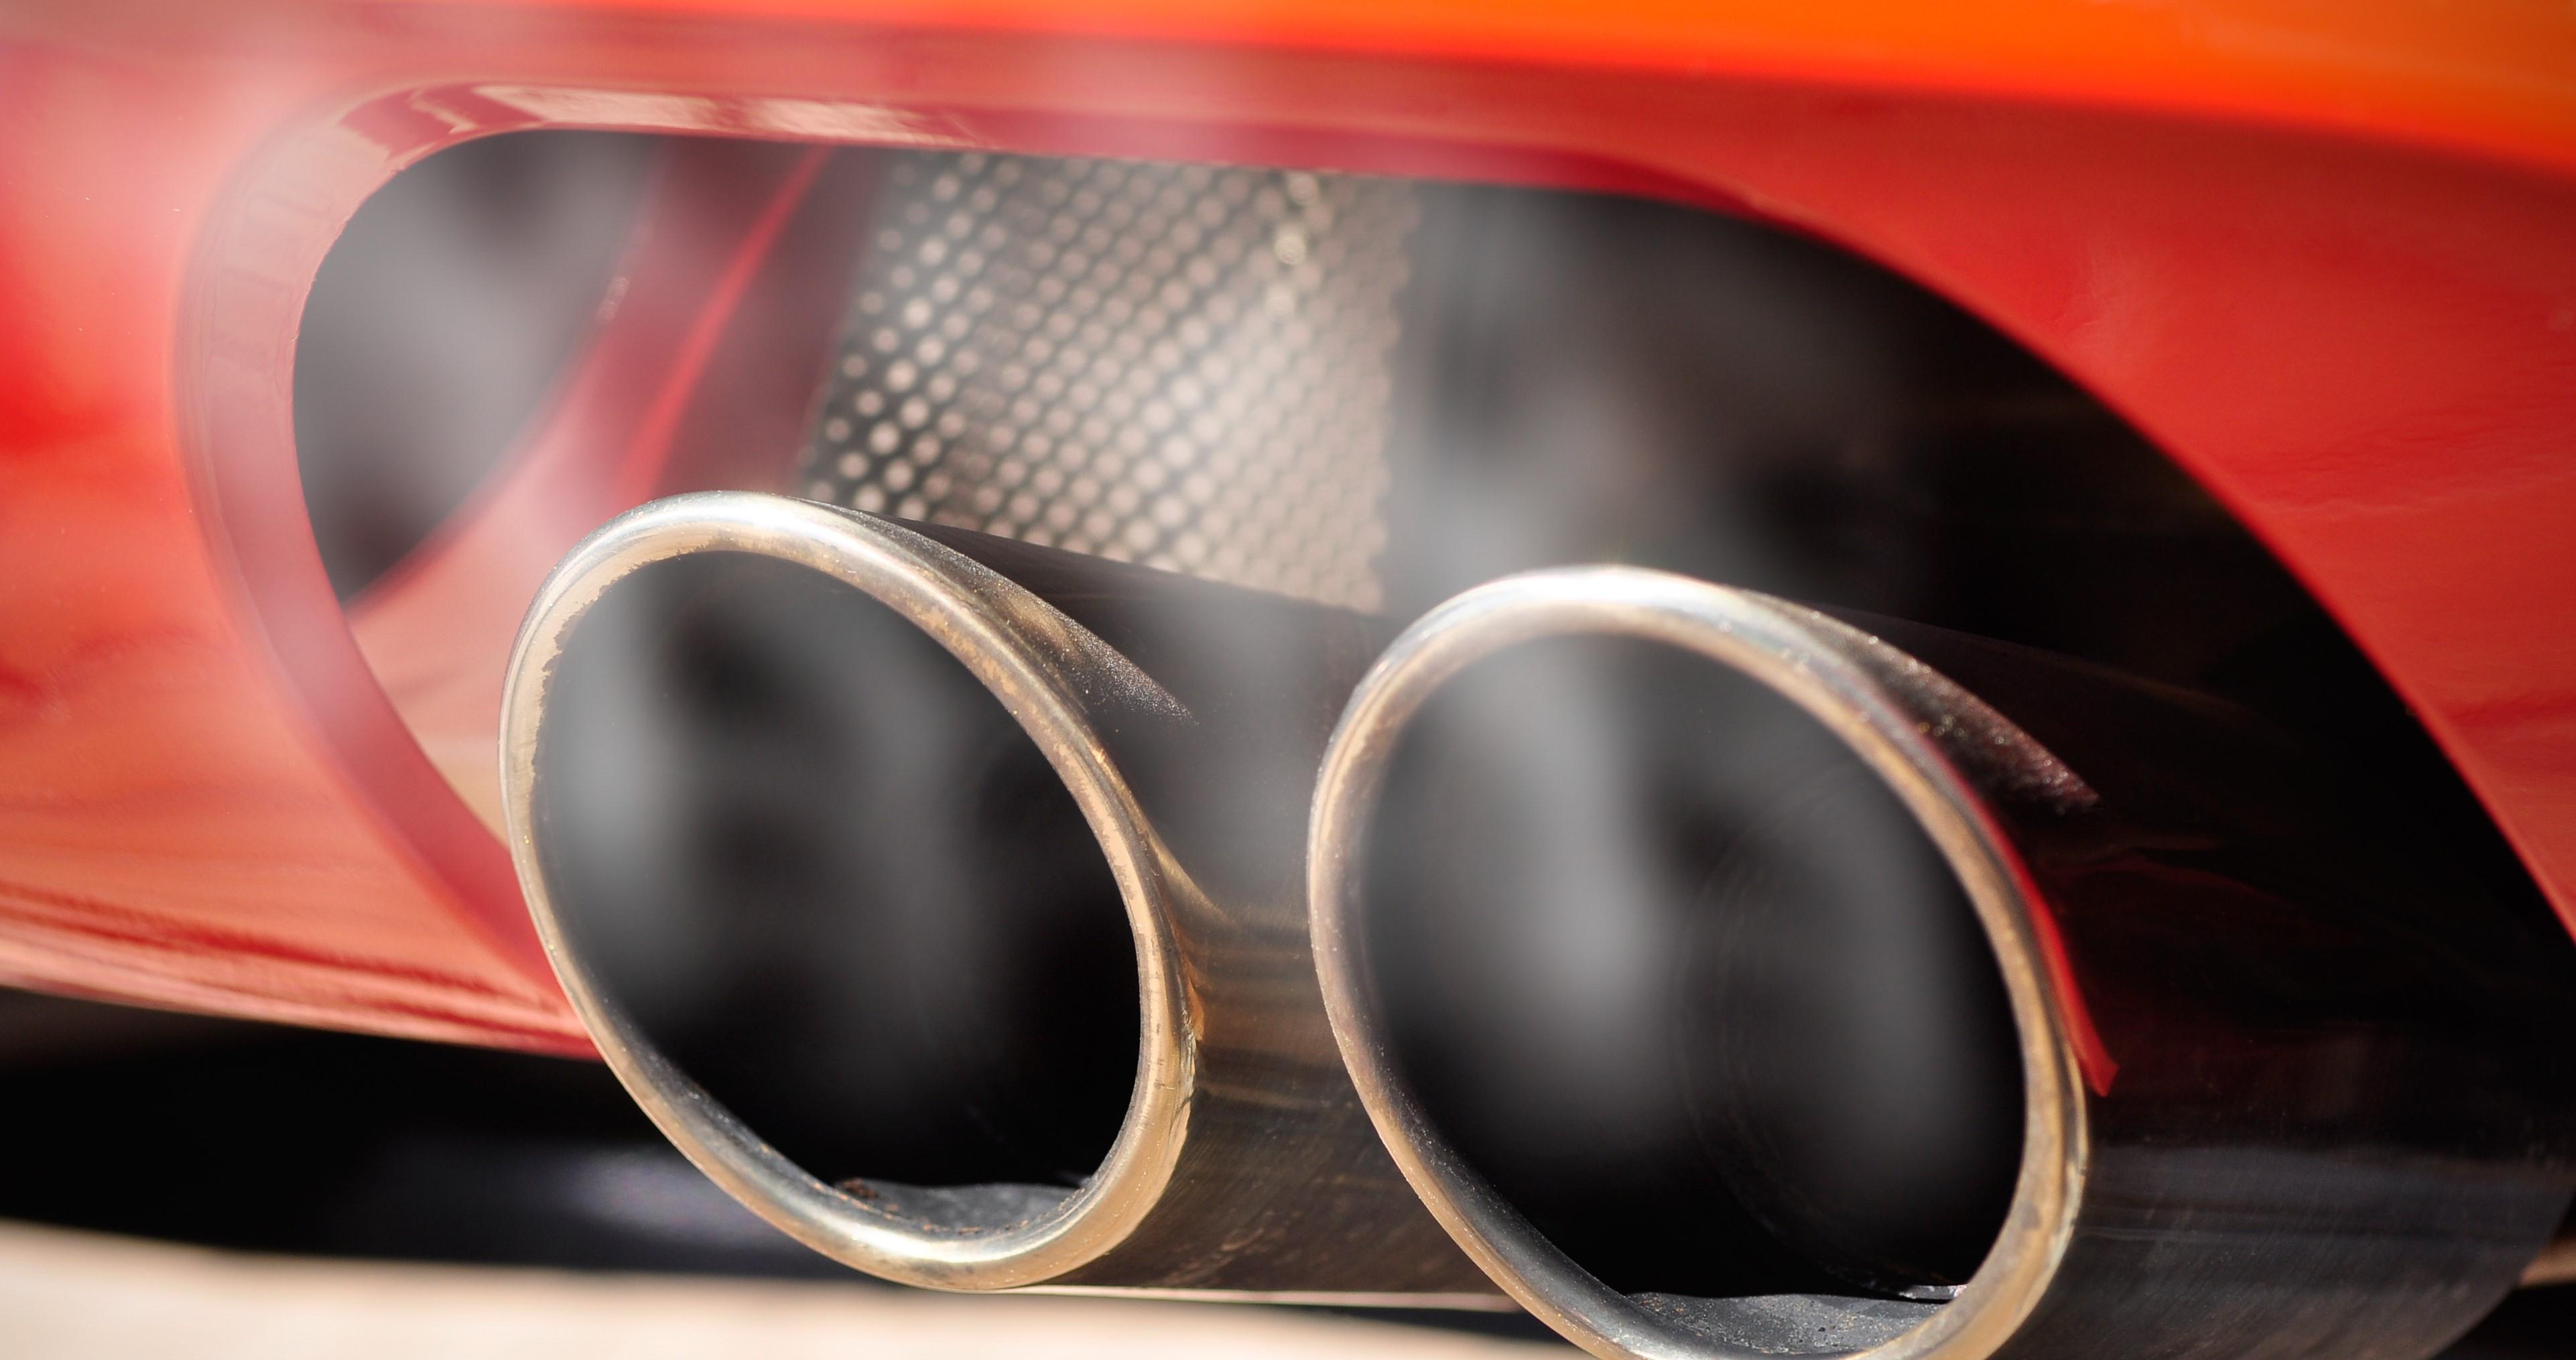 Anbud365: «Utslippsversting», men bare 30 % stiller miljøkrav ved transportkjøp